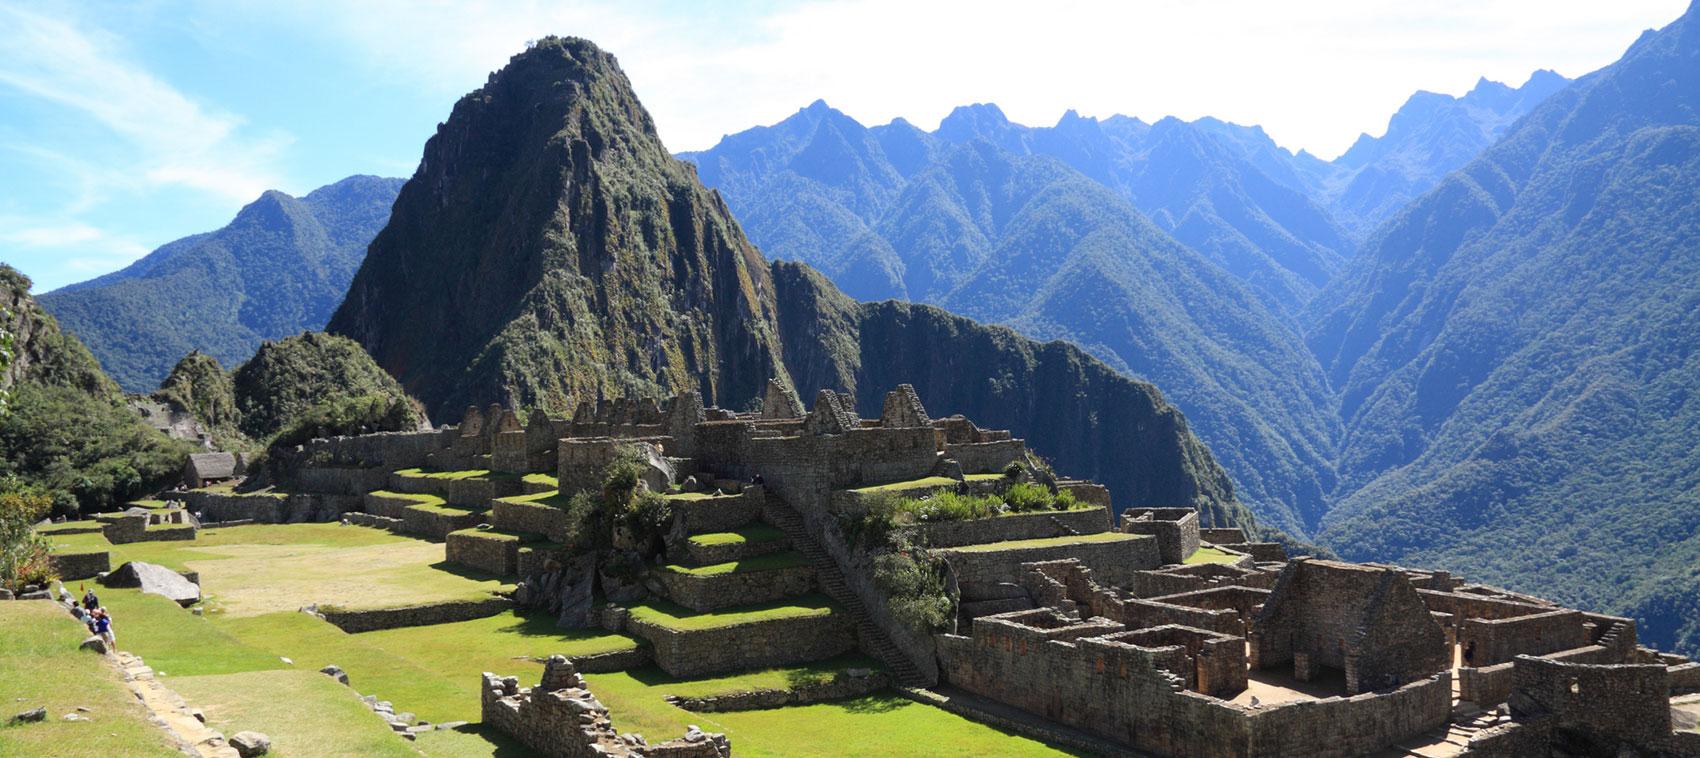 Machu Picchu Challenge - August 2019